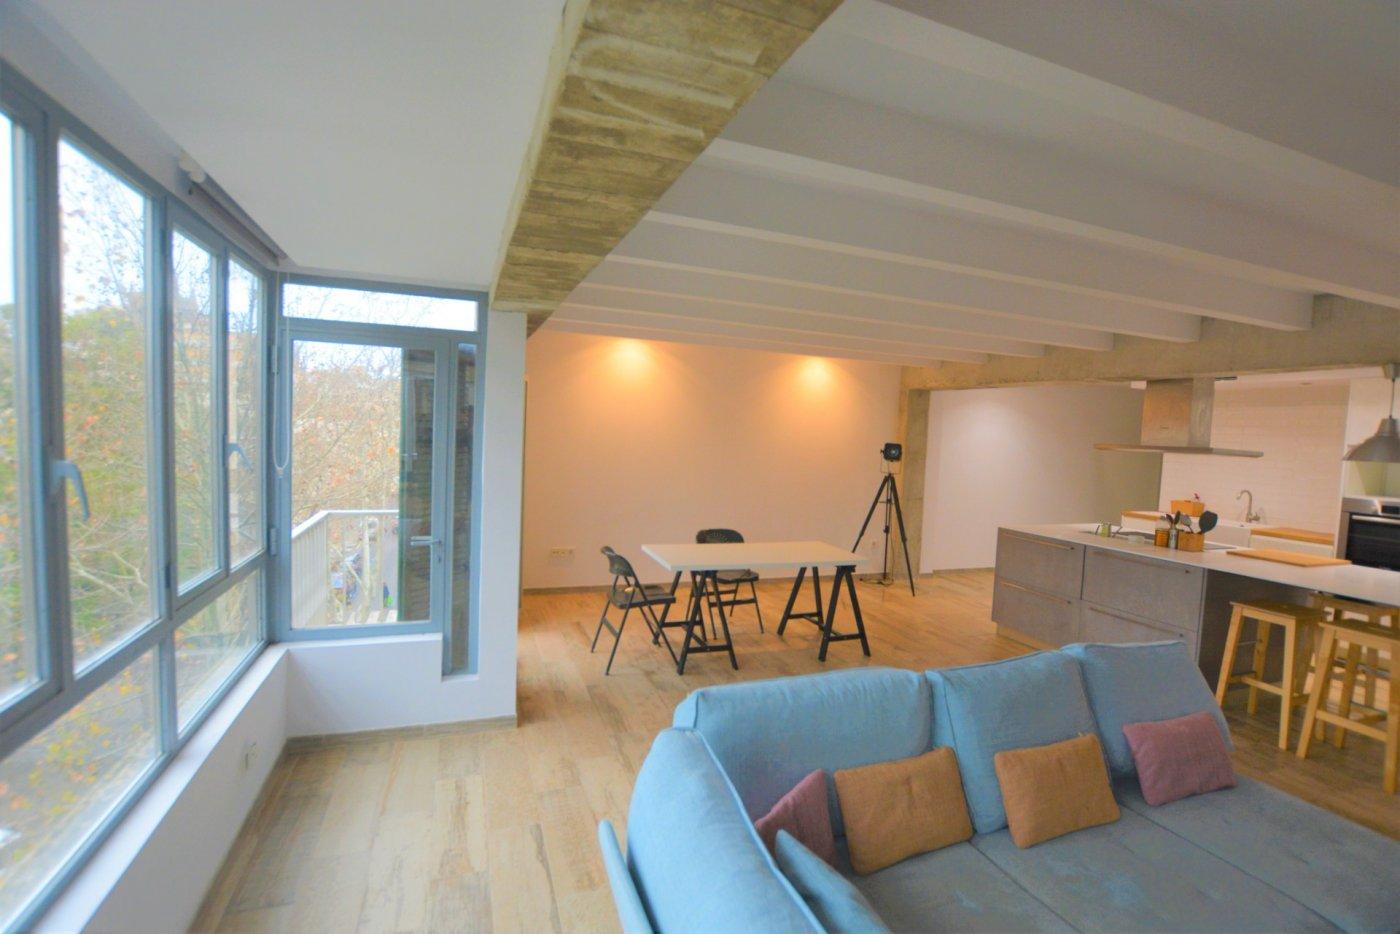 Increíble piso recientemente reformado. - imagenInmueble0